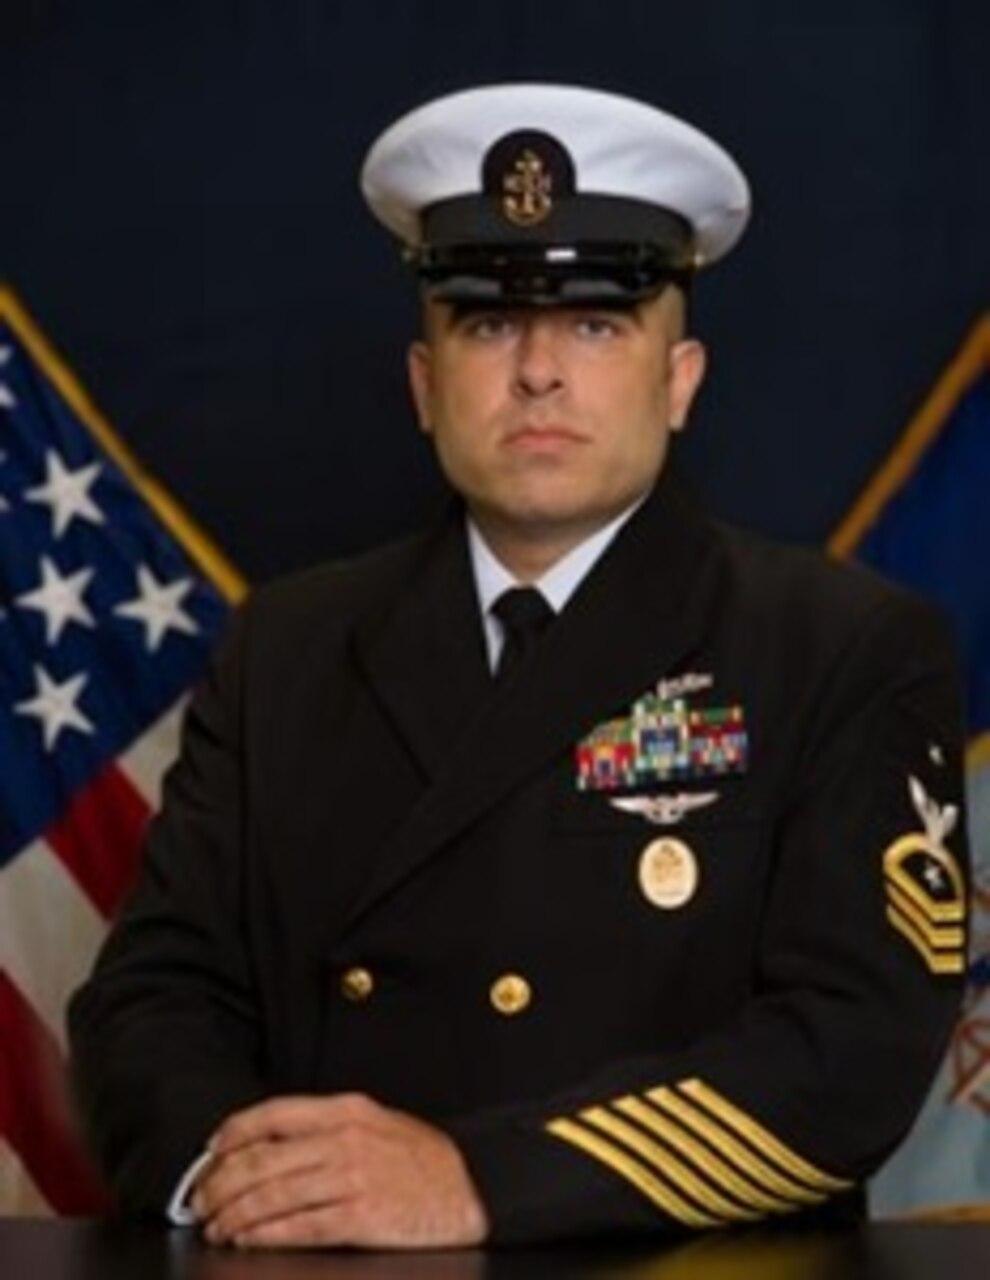 Senior Chief Matthew Ross